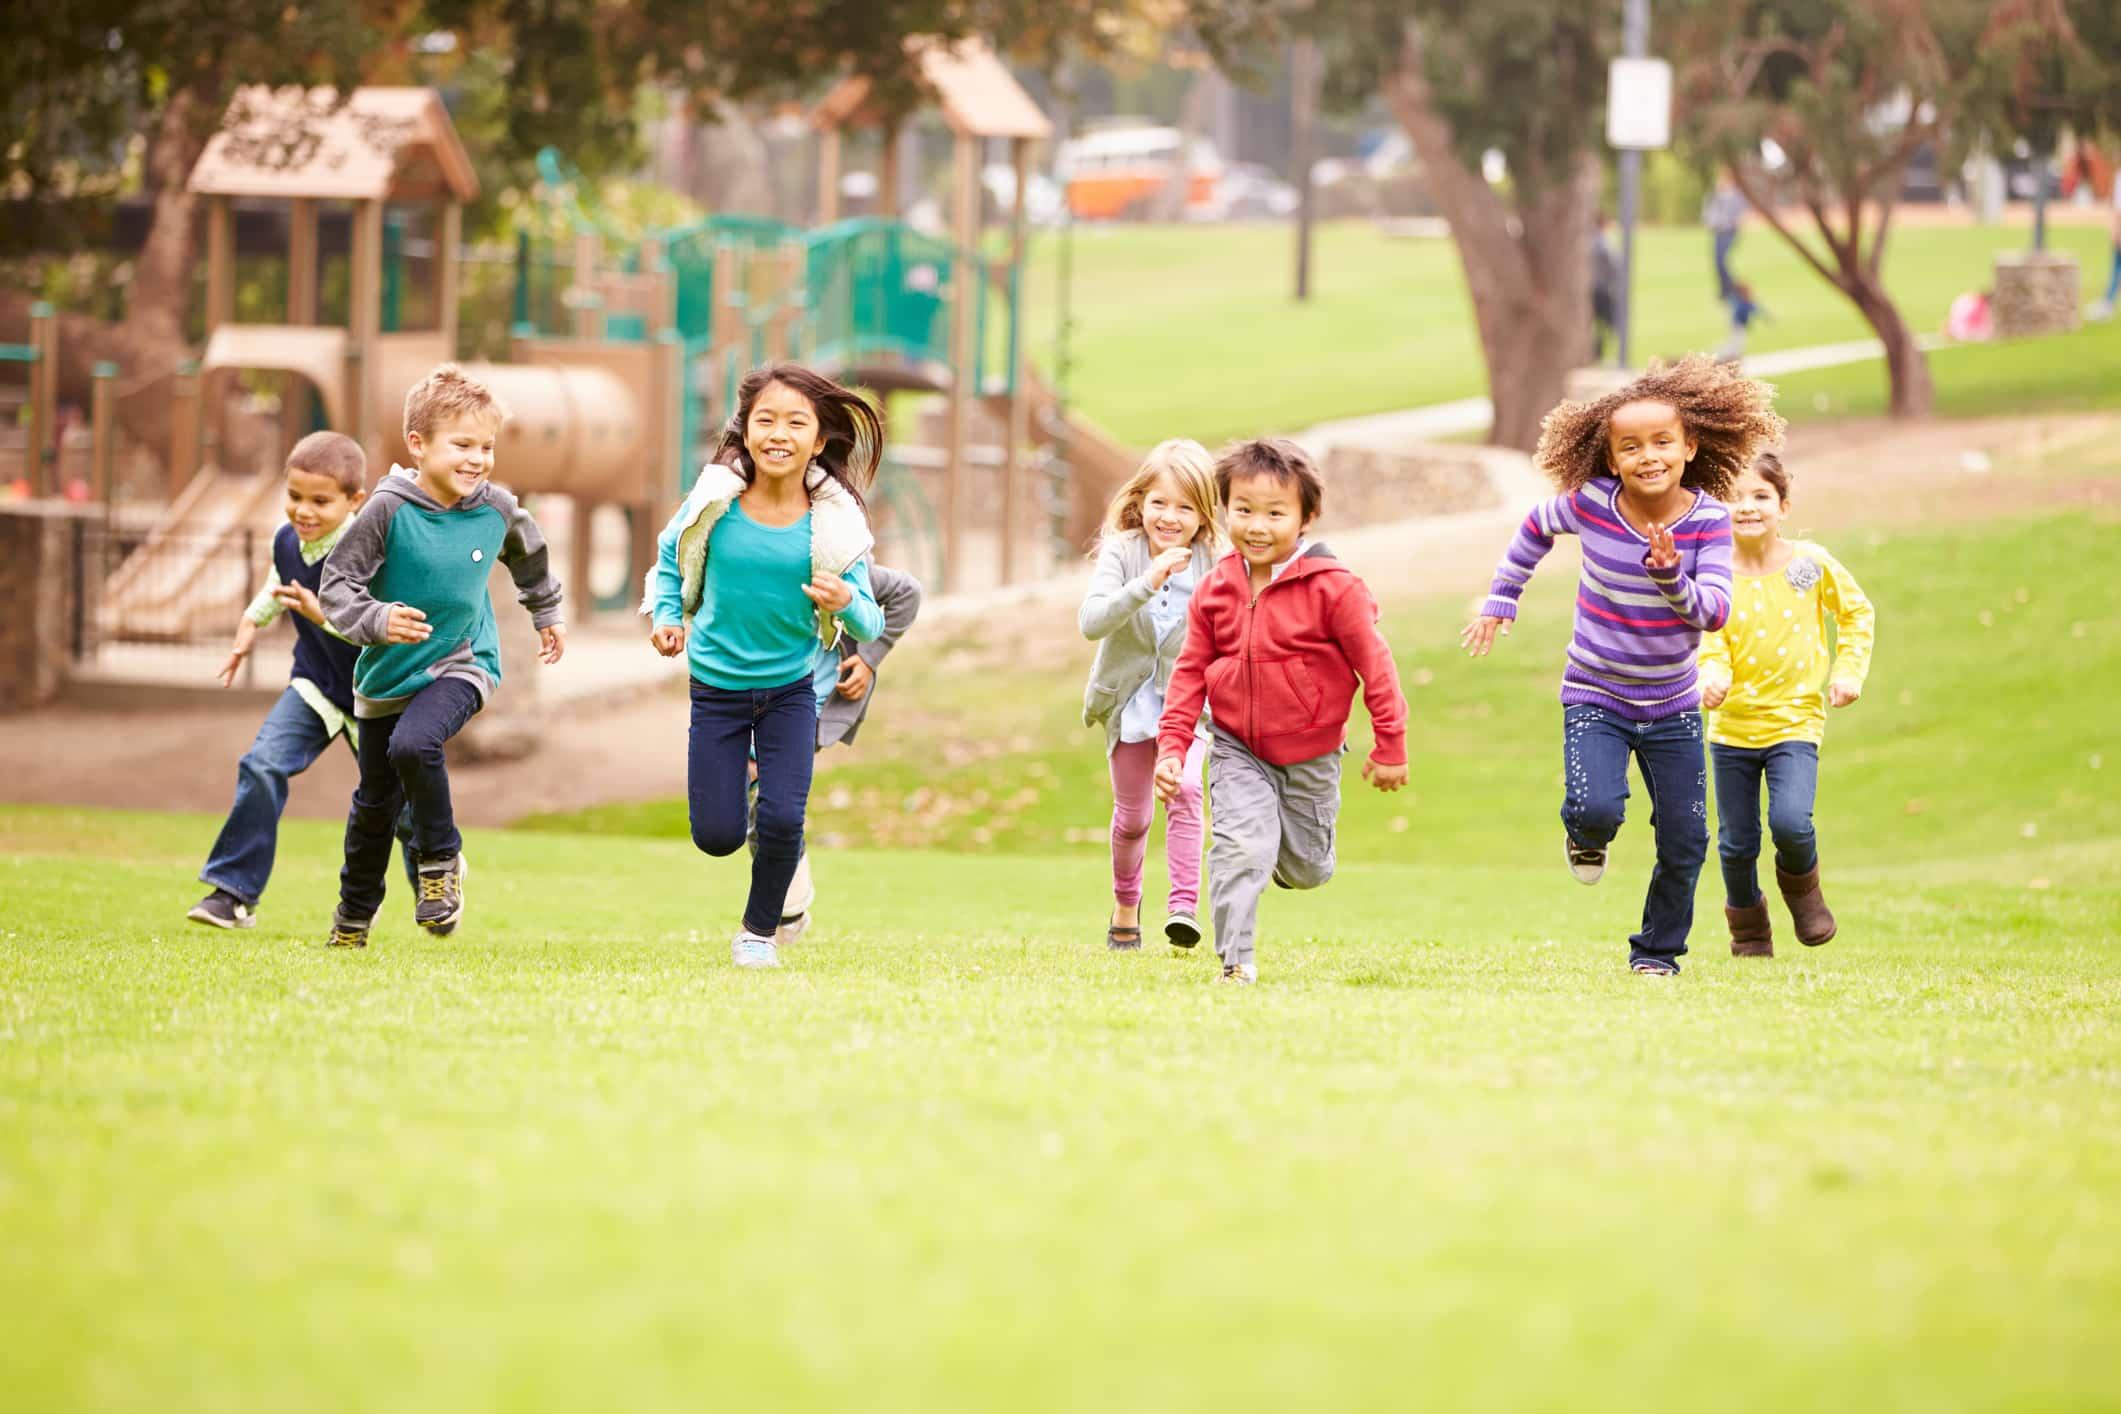 kinderdagverblijf met kinderen